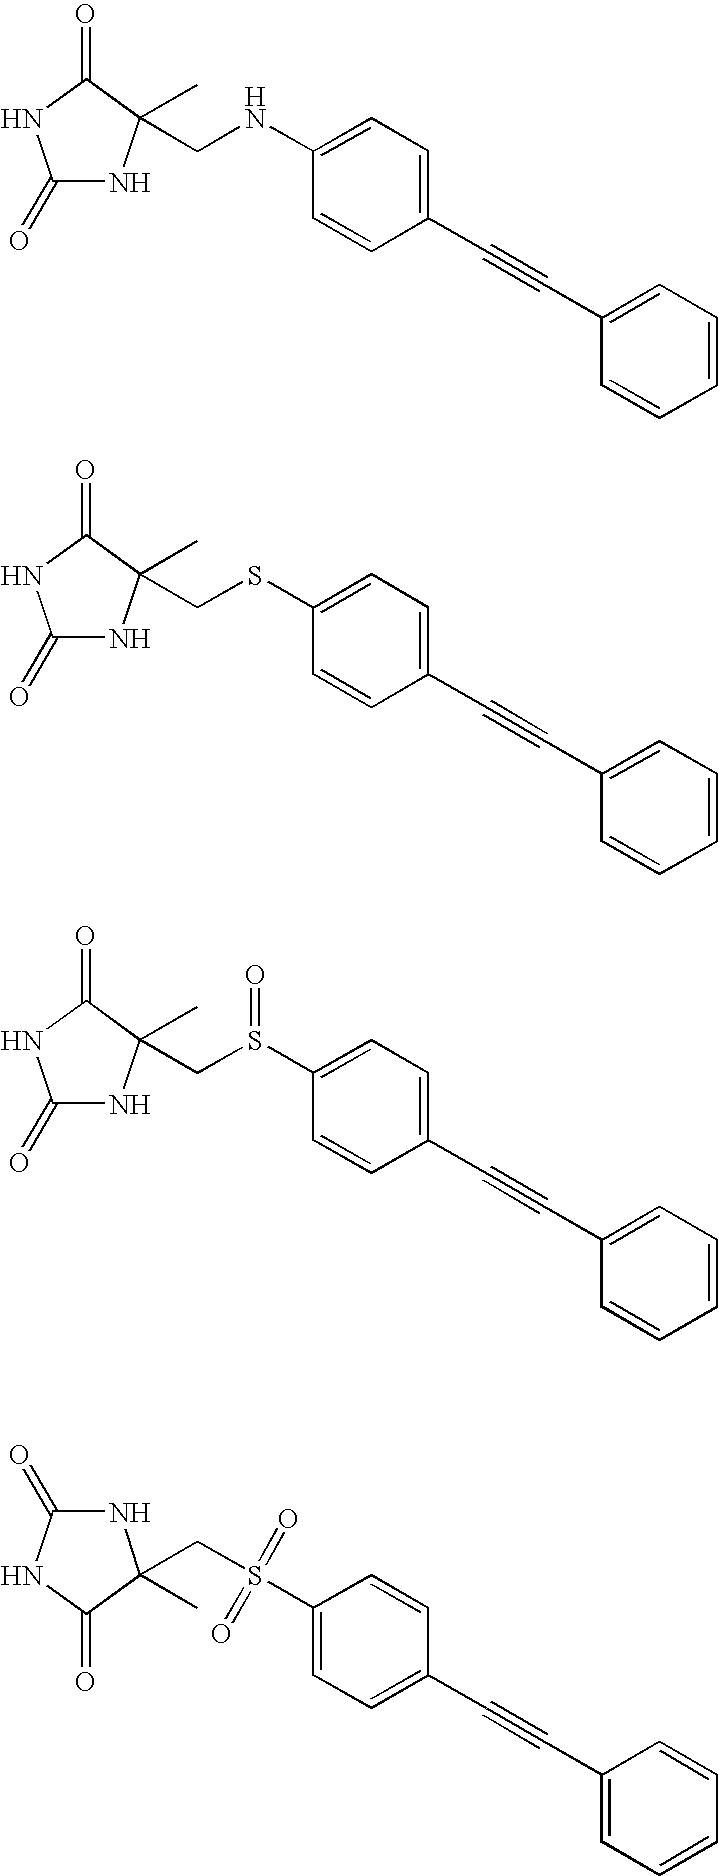 Figure US07998961-20110816-C00010